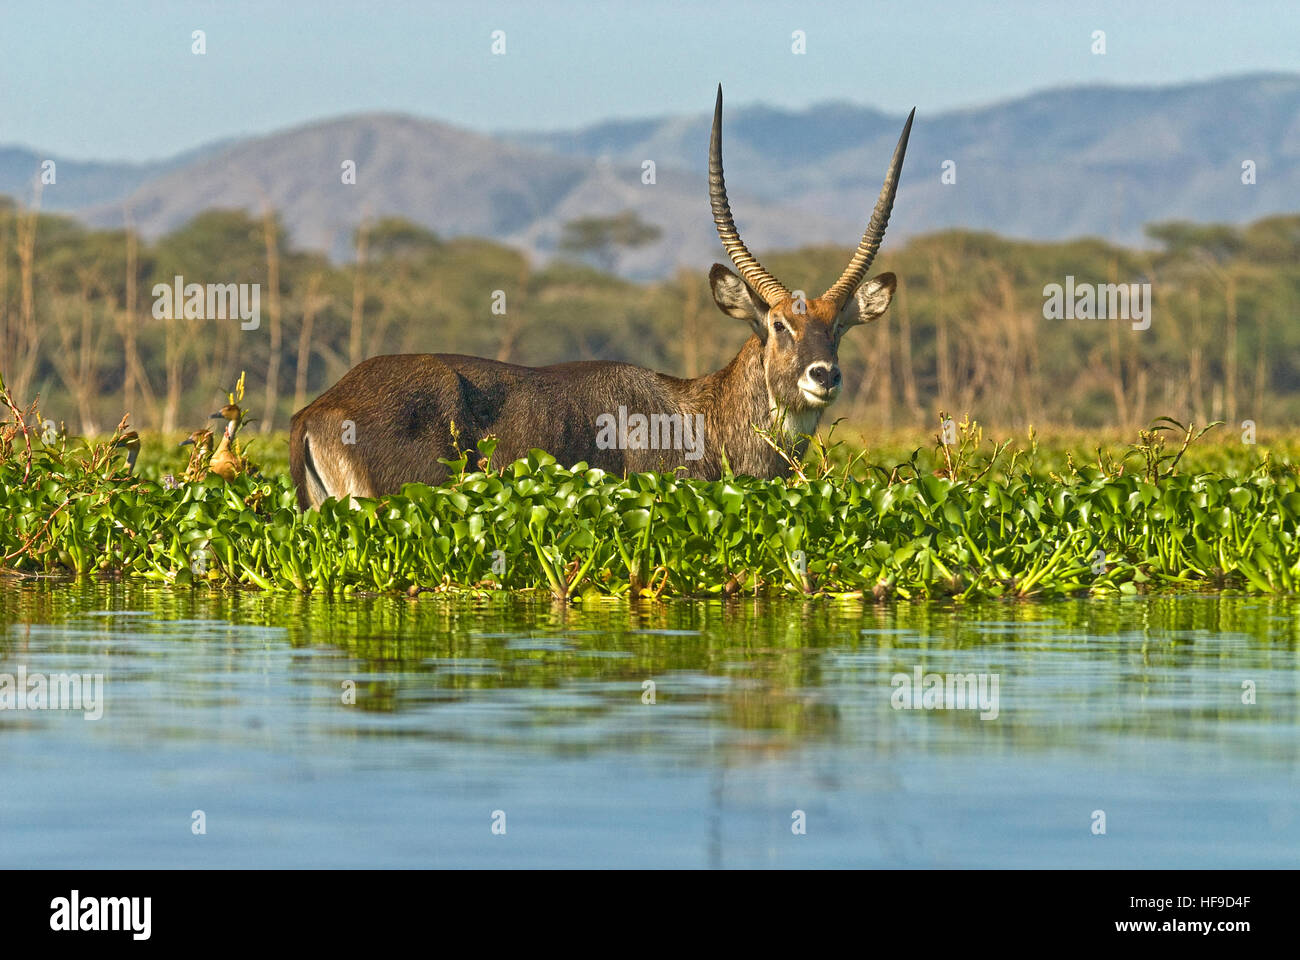 Wasser-Bock im Fluss Stockbild